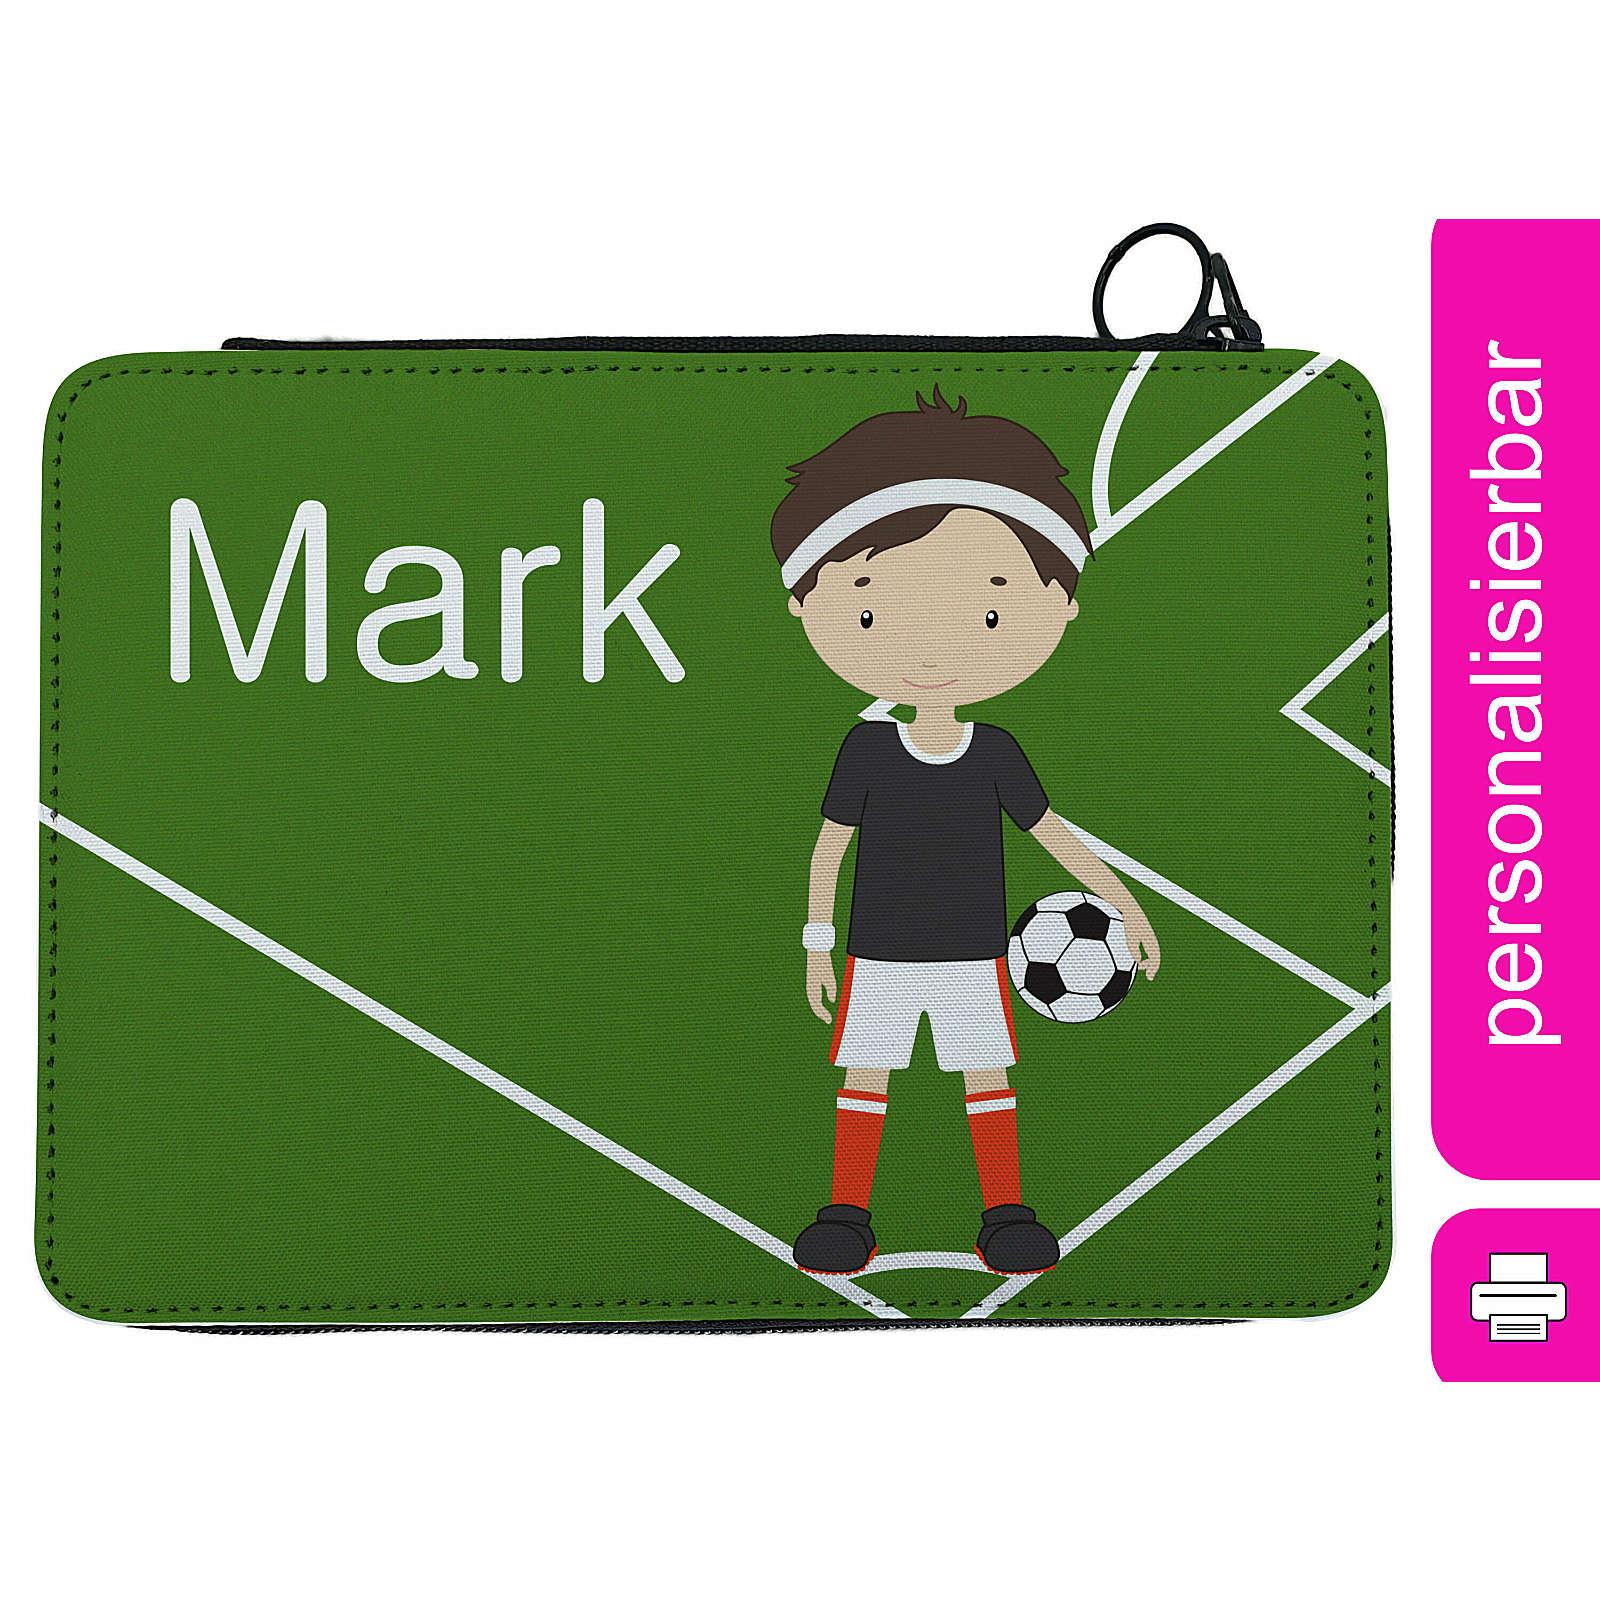 CreaDesign Federmäppchen personalisiert mit Namen Fußballspieler befüllt mehrfarbig